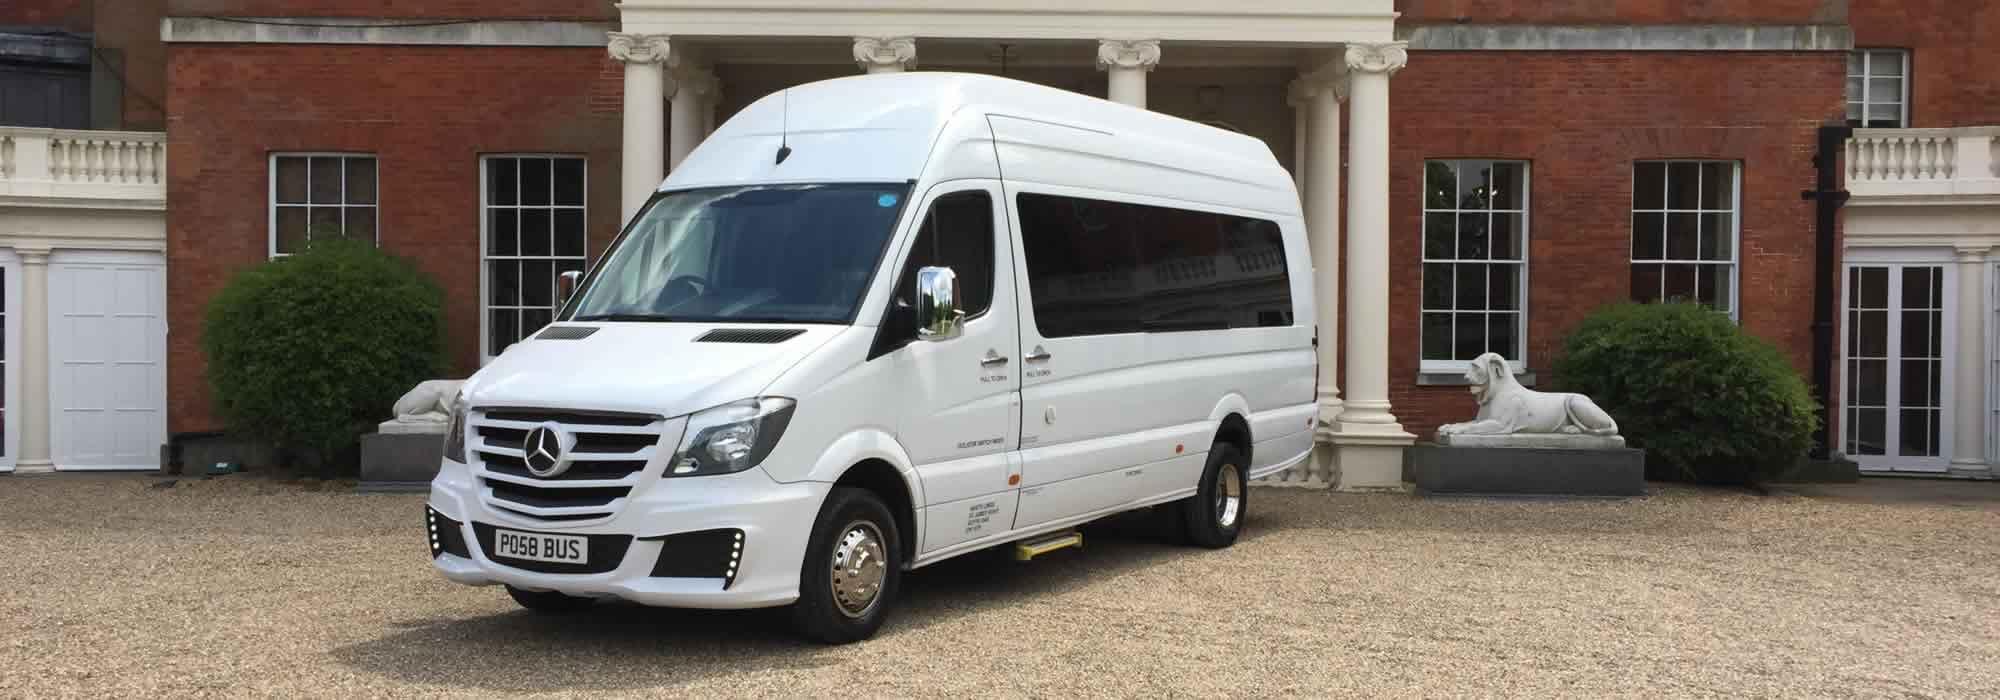 White Mercedes Party Bus hero